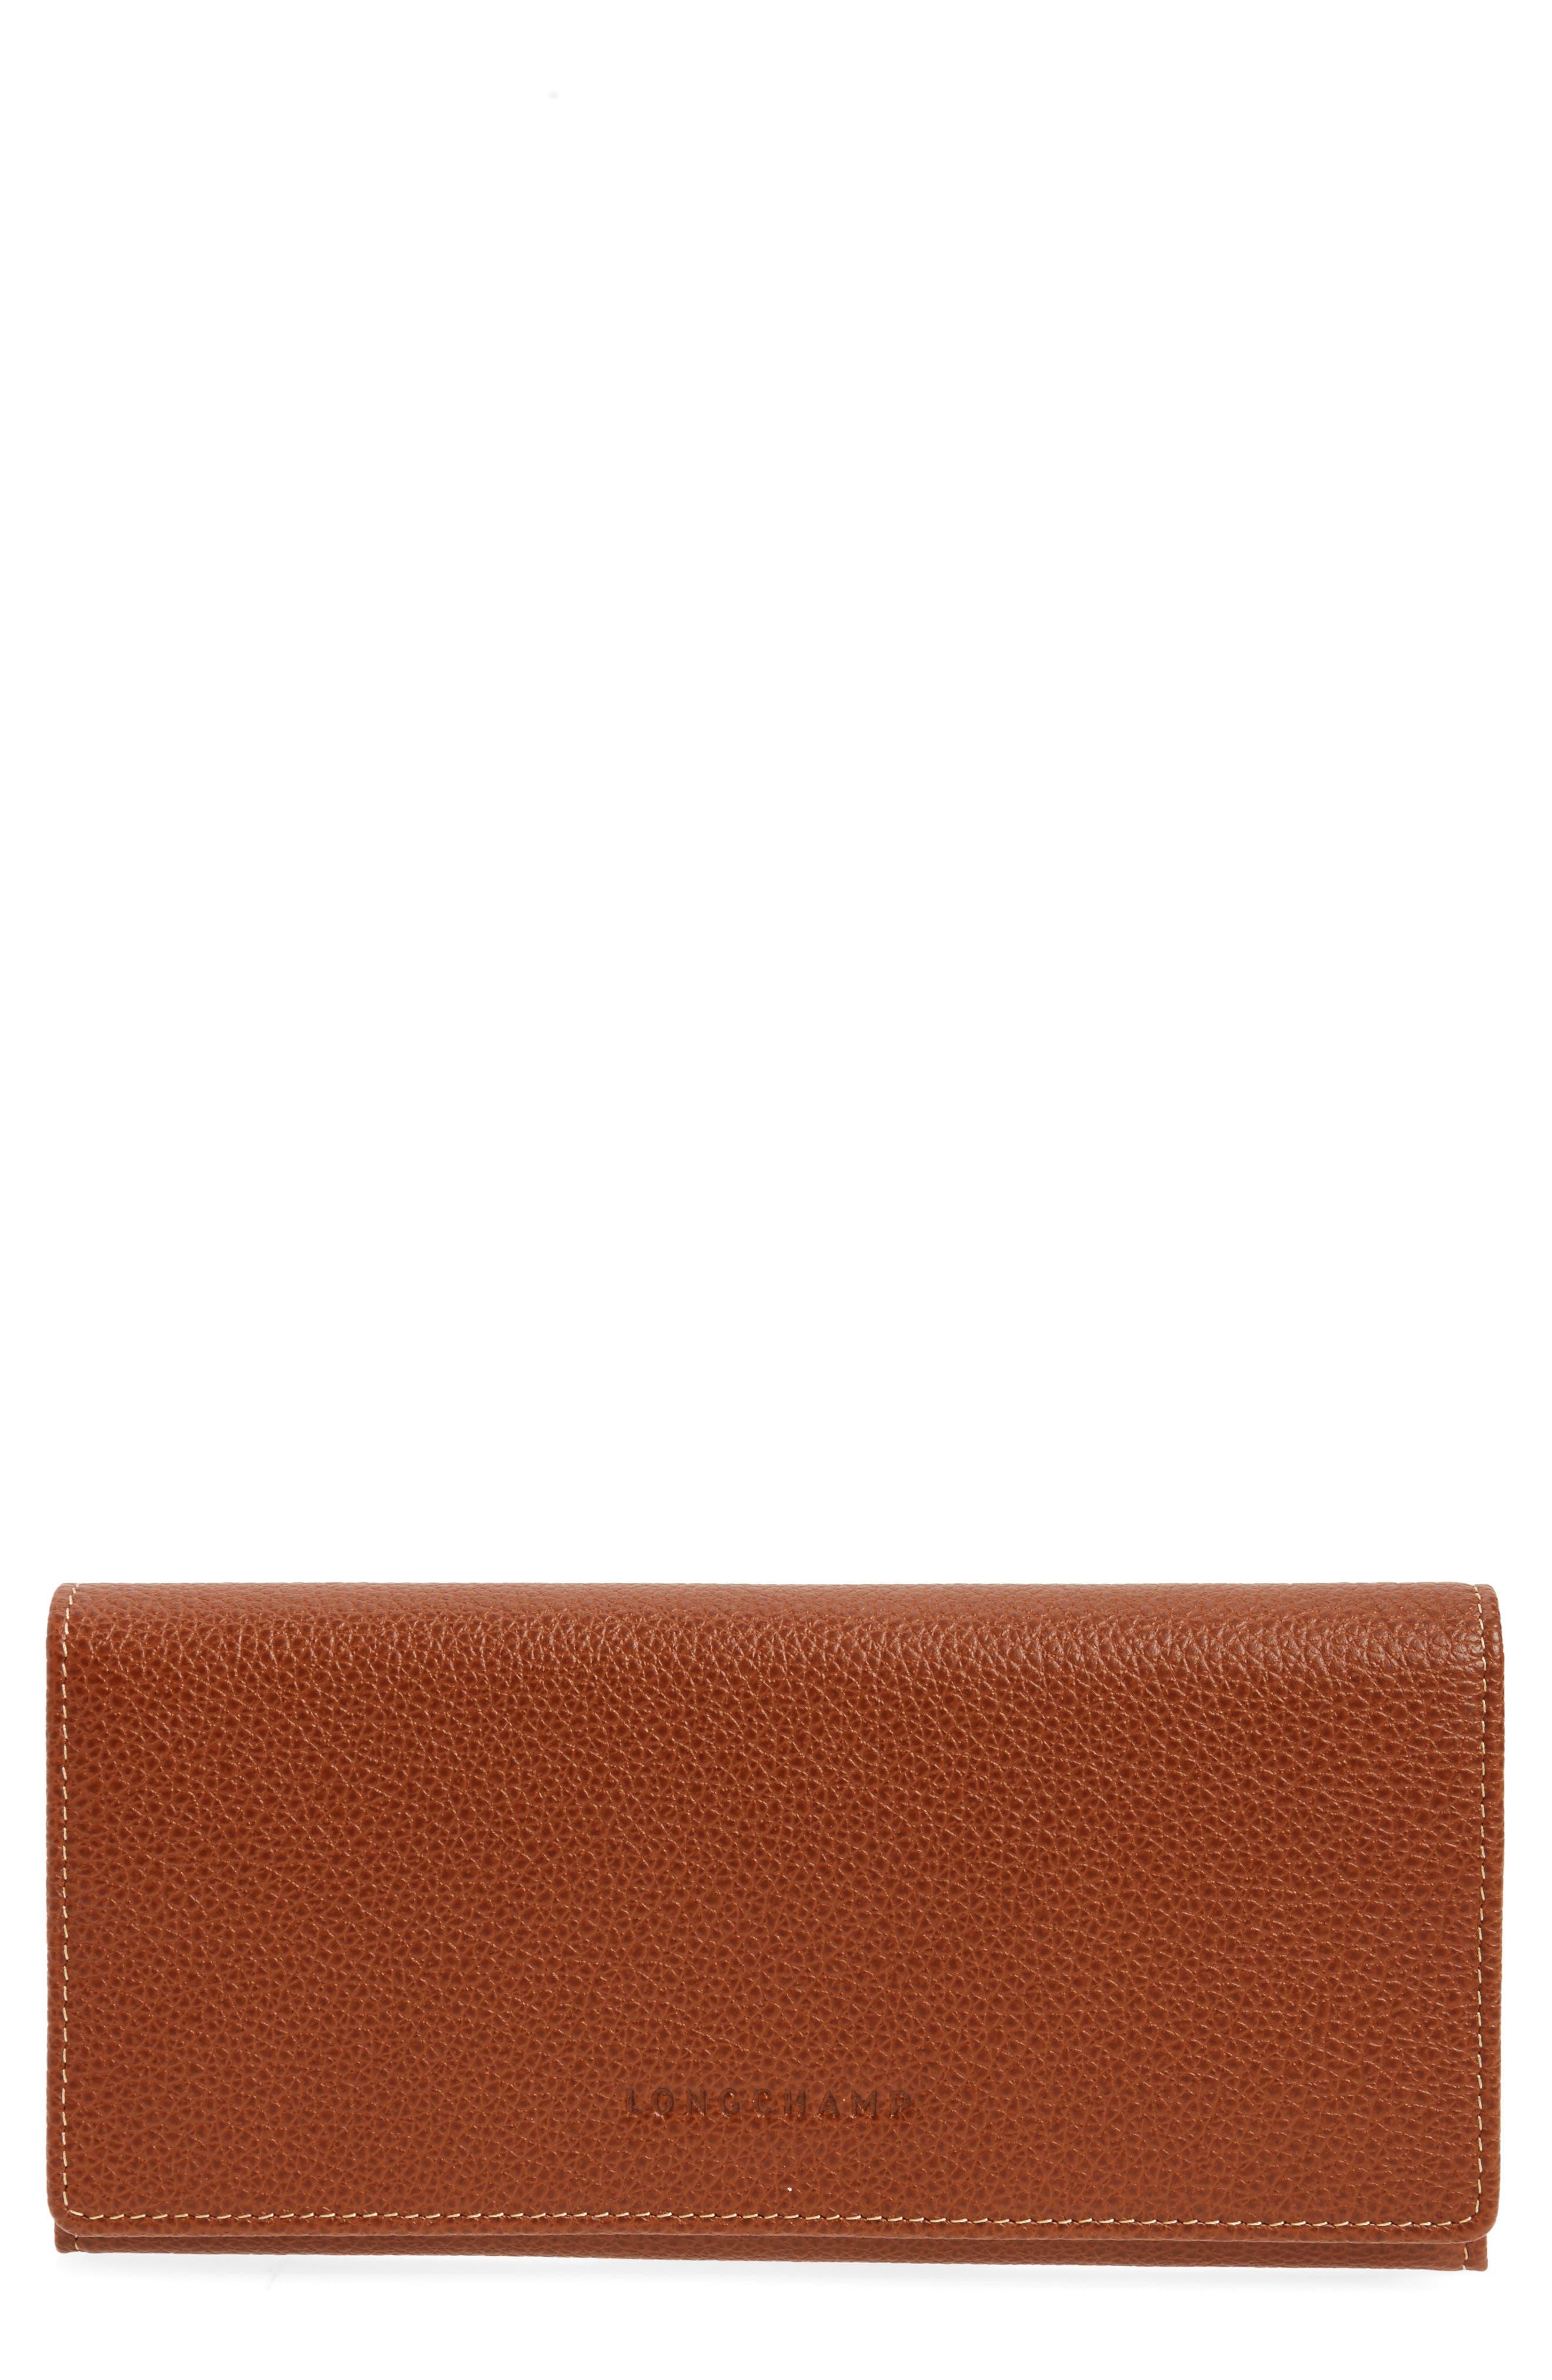 'Veau' Continental Wallet,                         Main,                         color, COGNAC